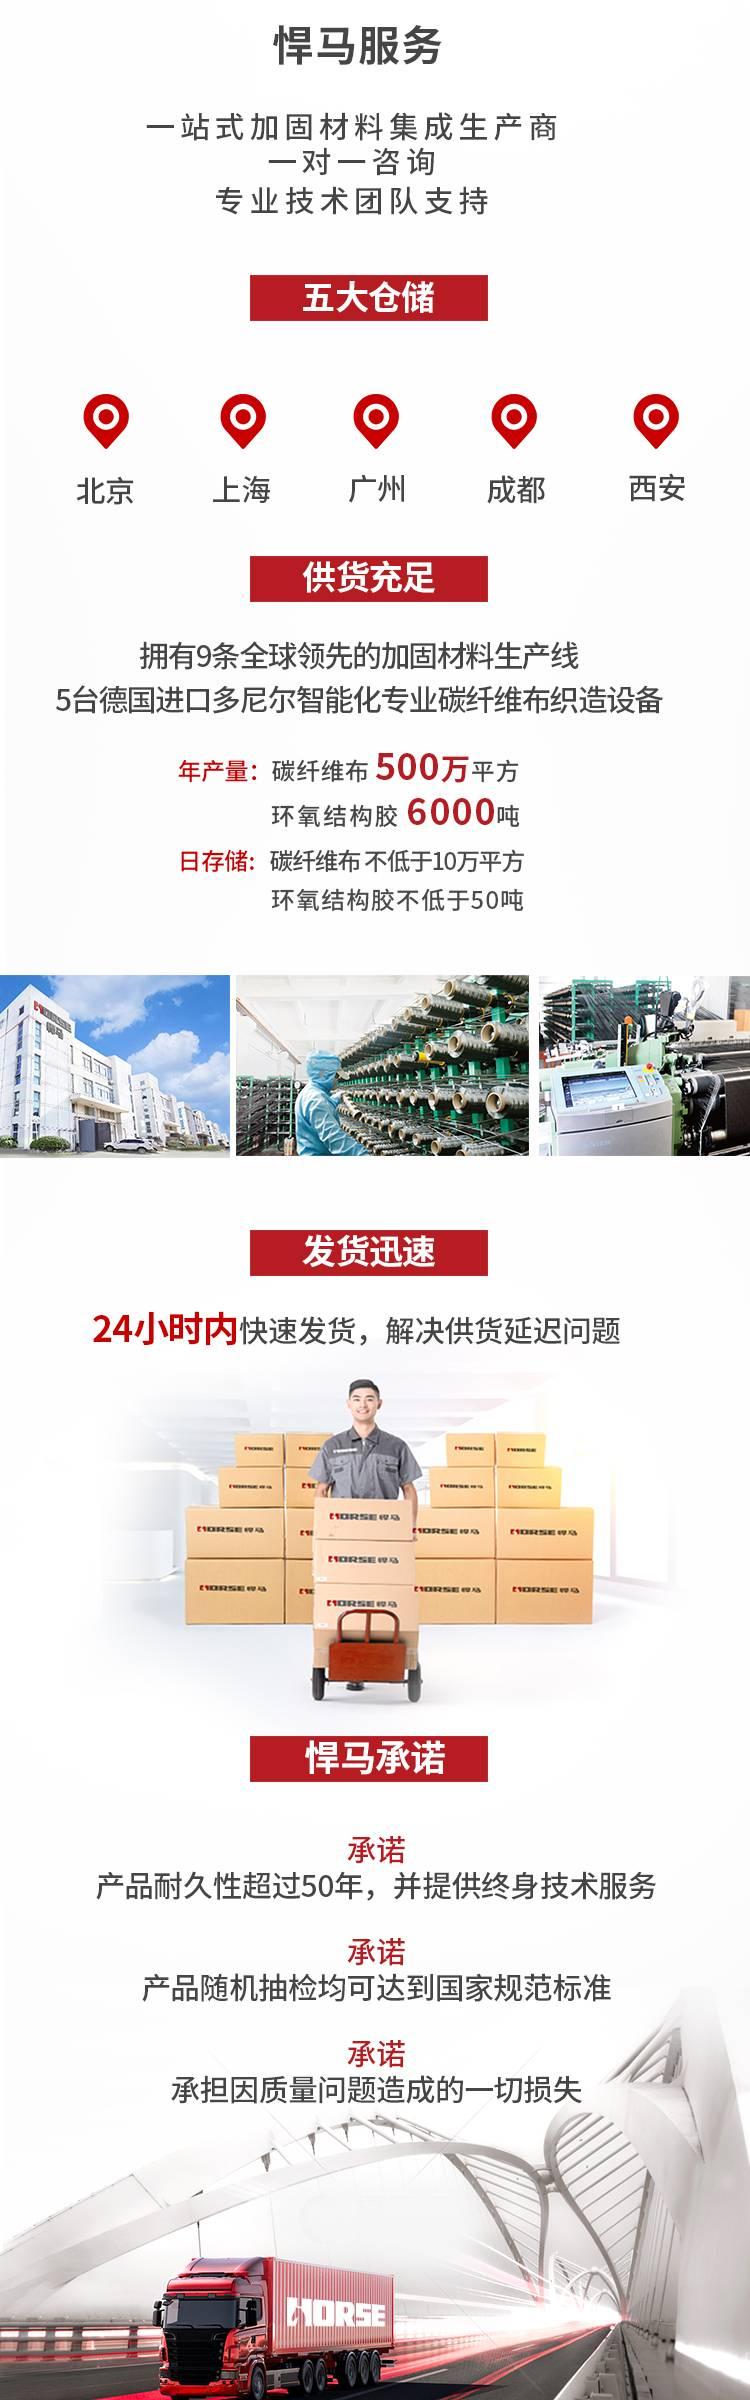 百度公司首页长图(6).jpg